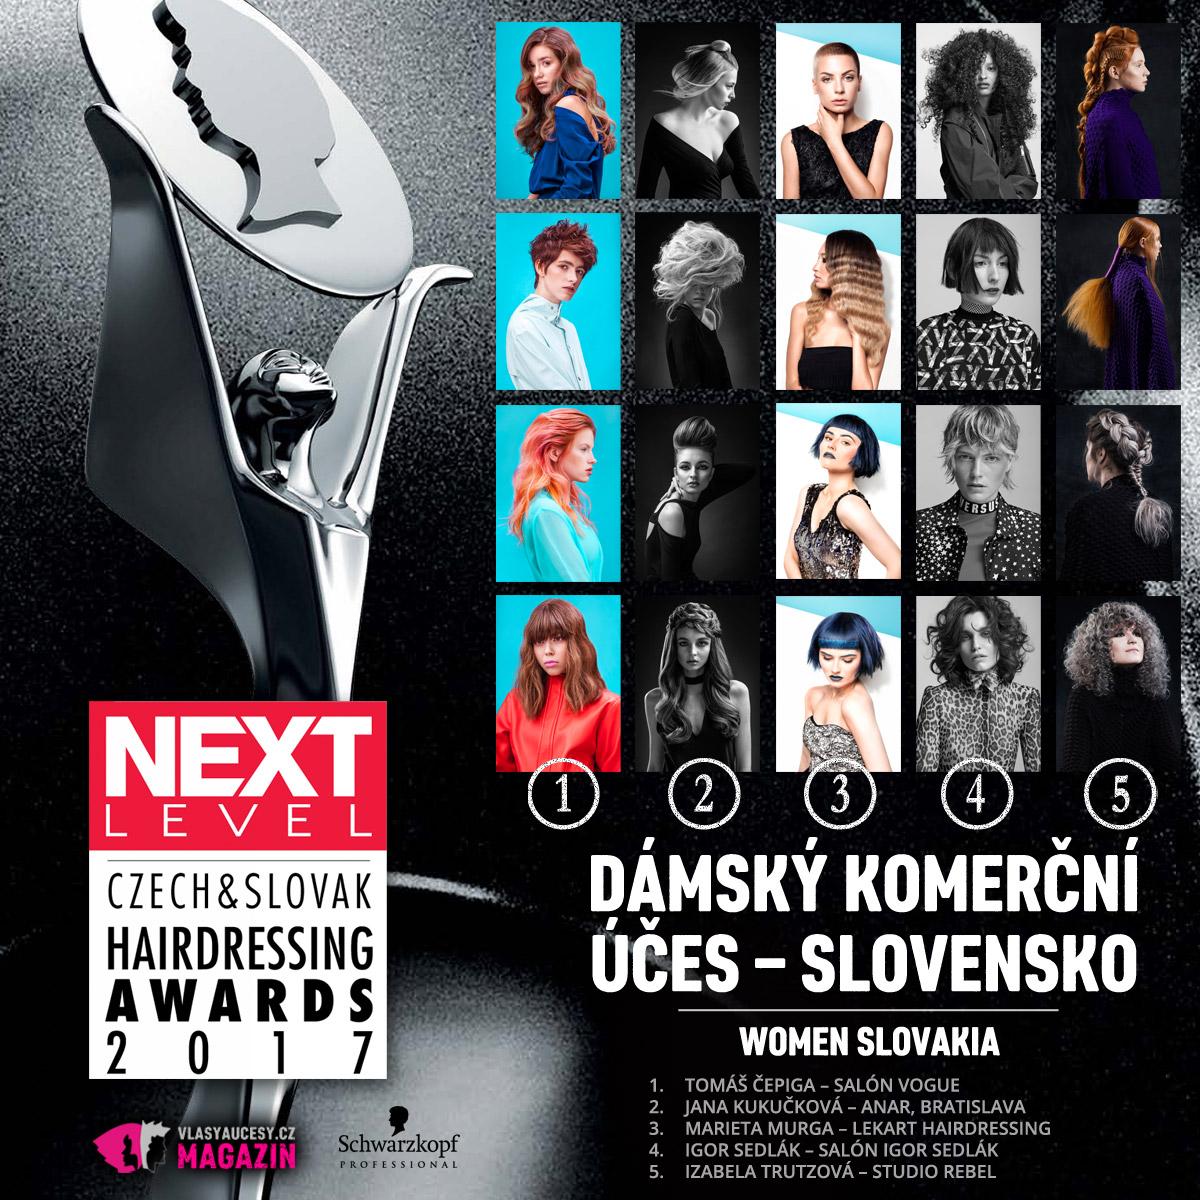 Czech&Slovak Hairdressing Awards 2017 – kategorie Dámský komerční účes Slovensko.